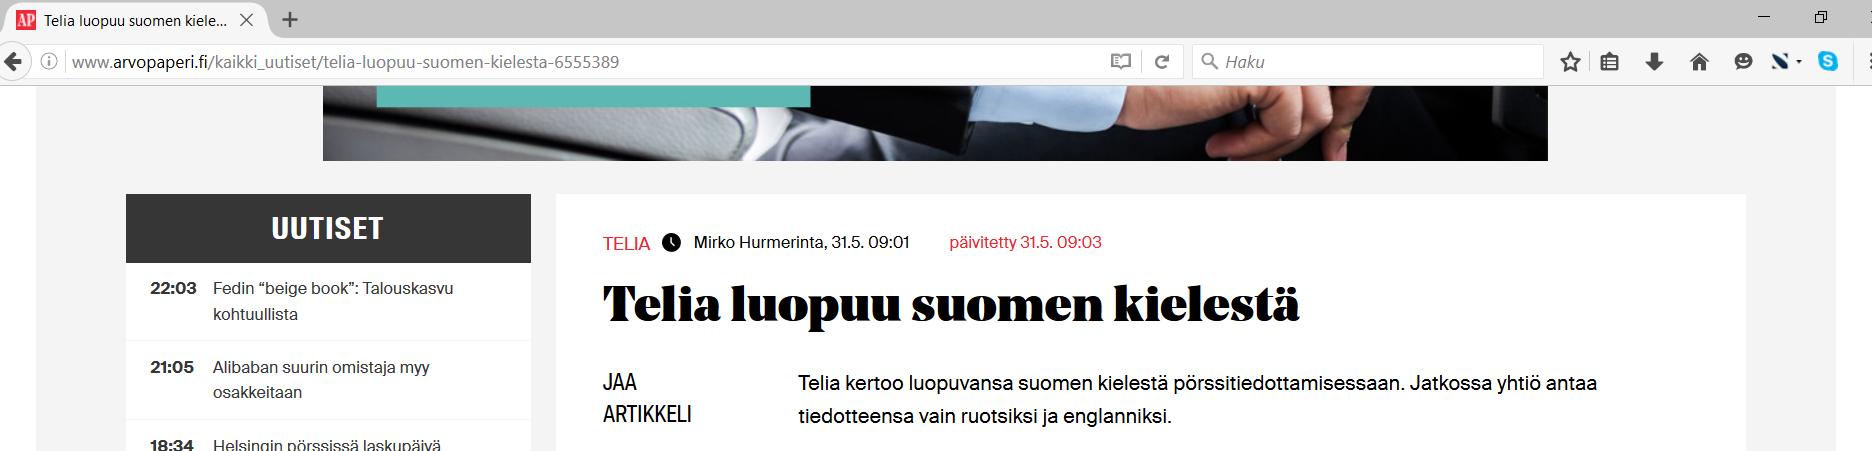 kielibaari.fi | Vain ruotsiksi ja englanniksi